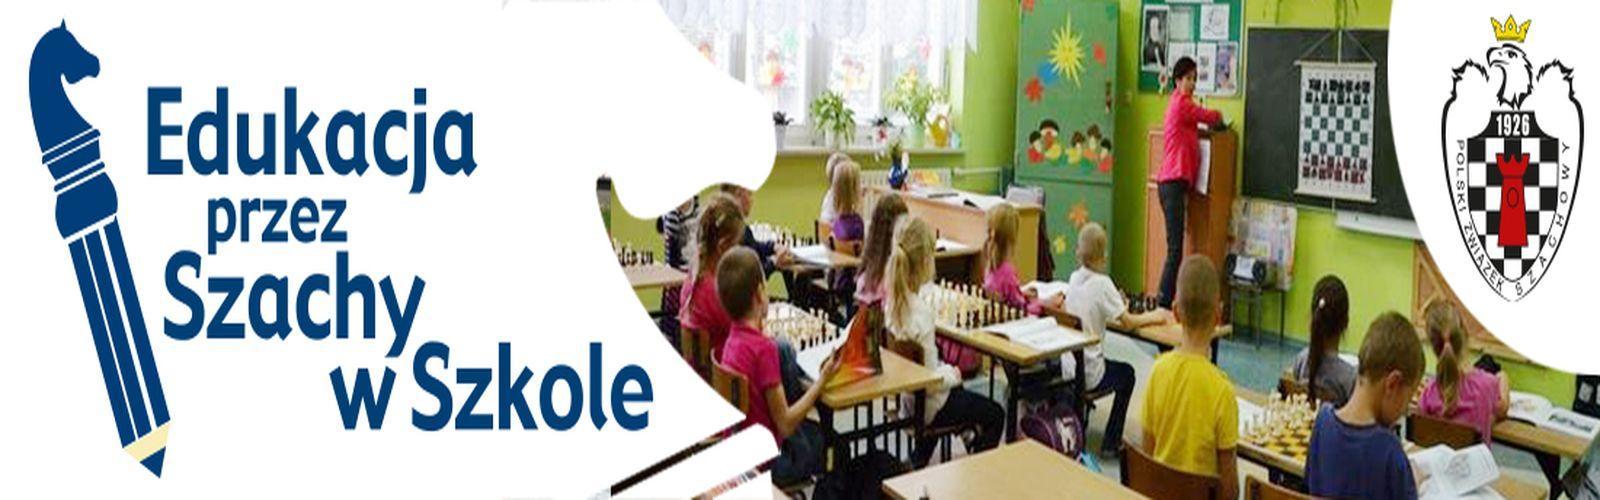 Baner_Edukacja przez szachy